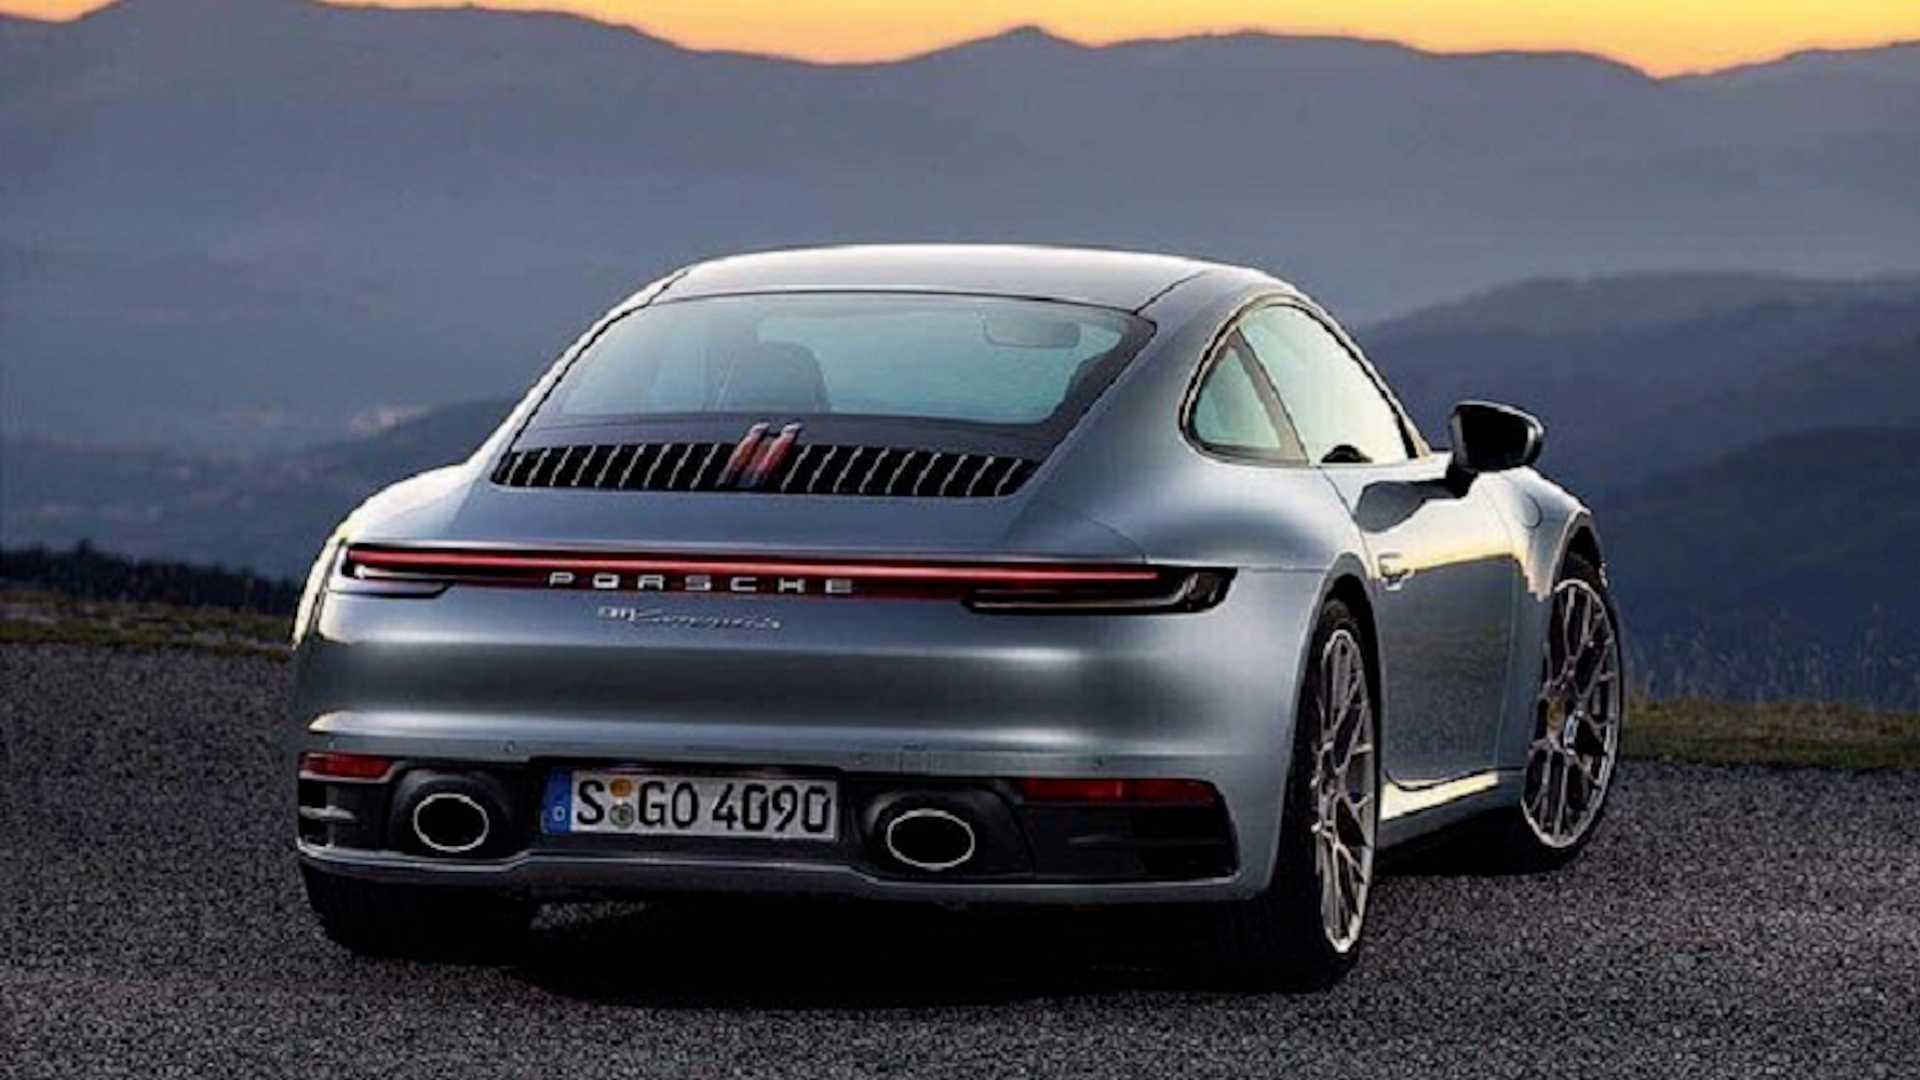 ¡Filtrado! Primeras imágenes oficiales del nuevo Porsche 911